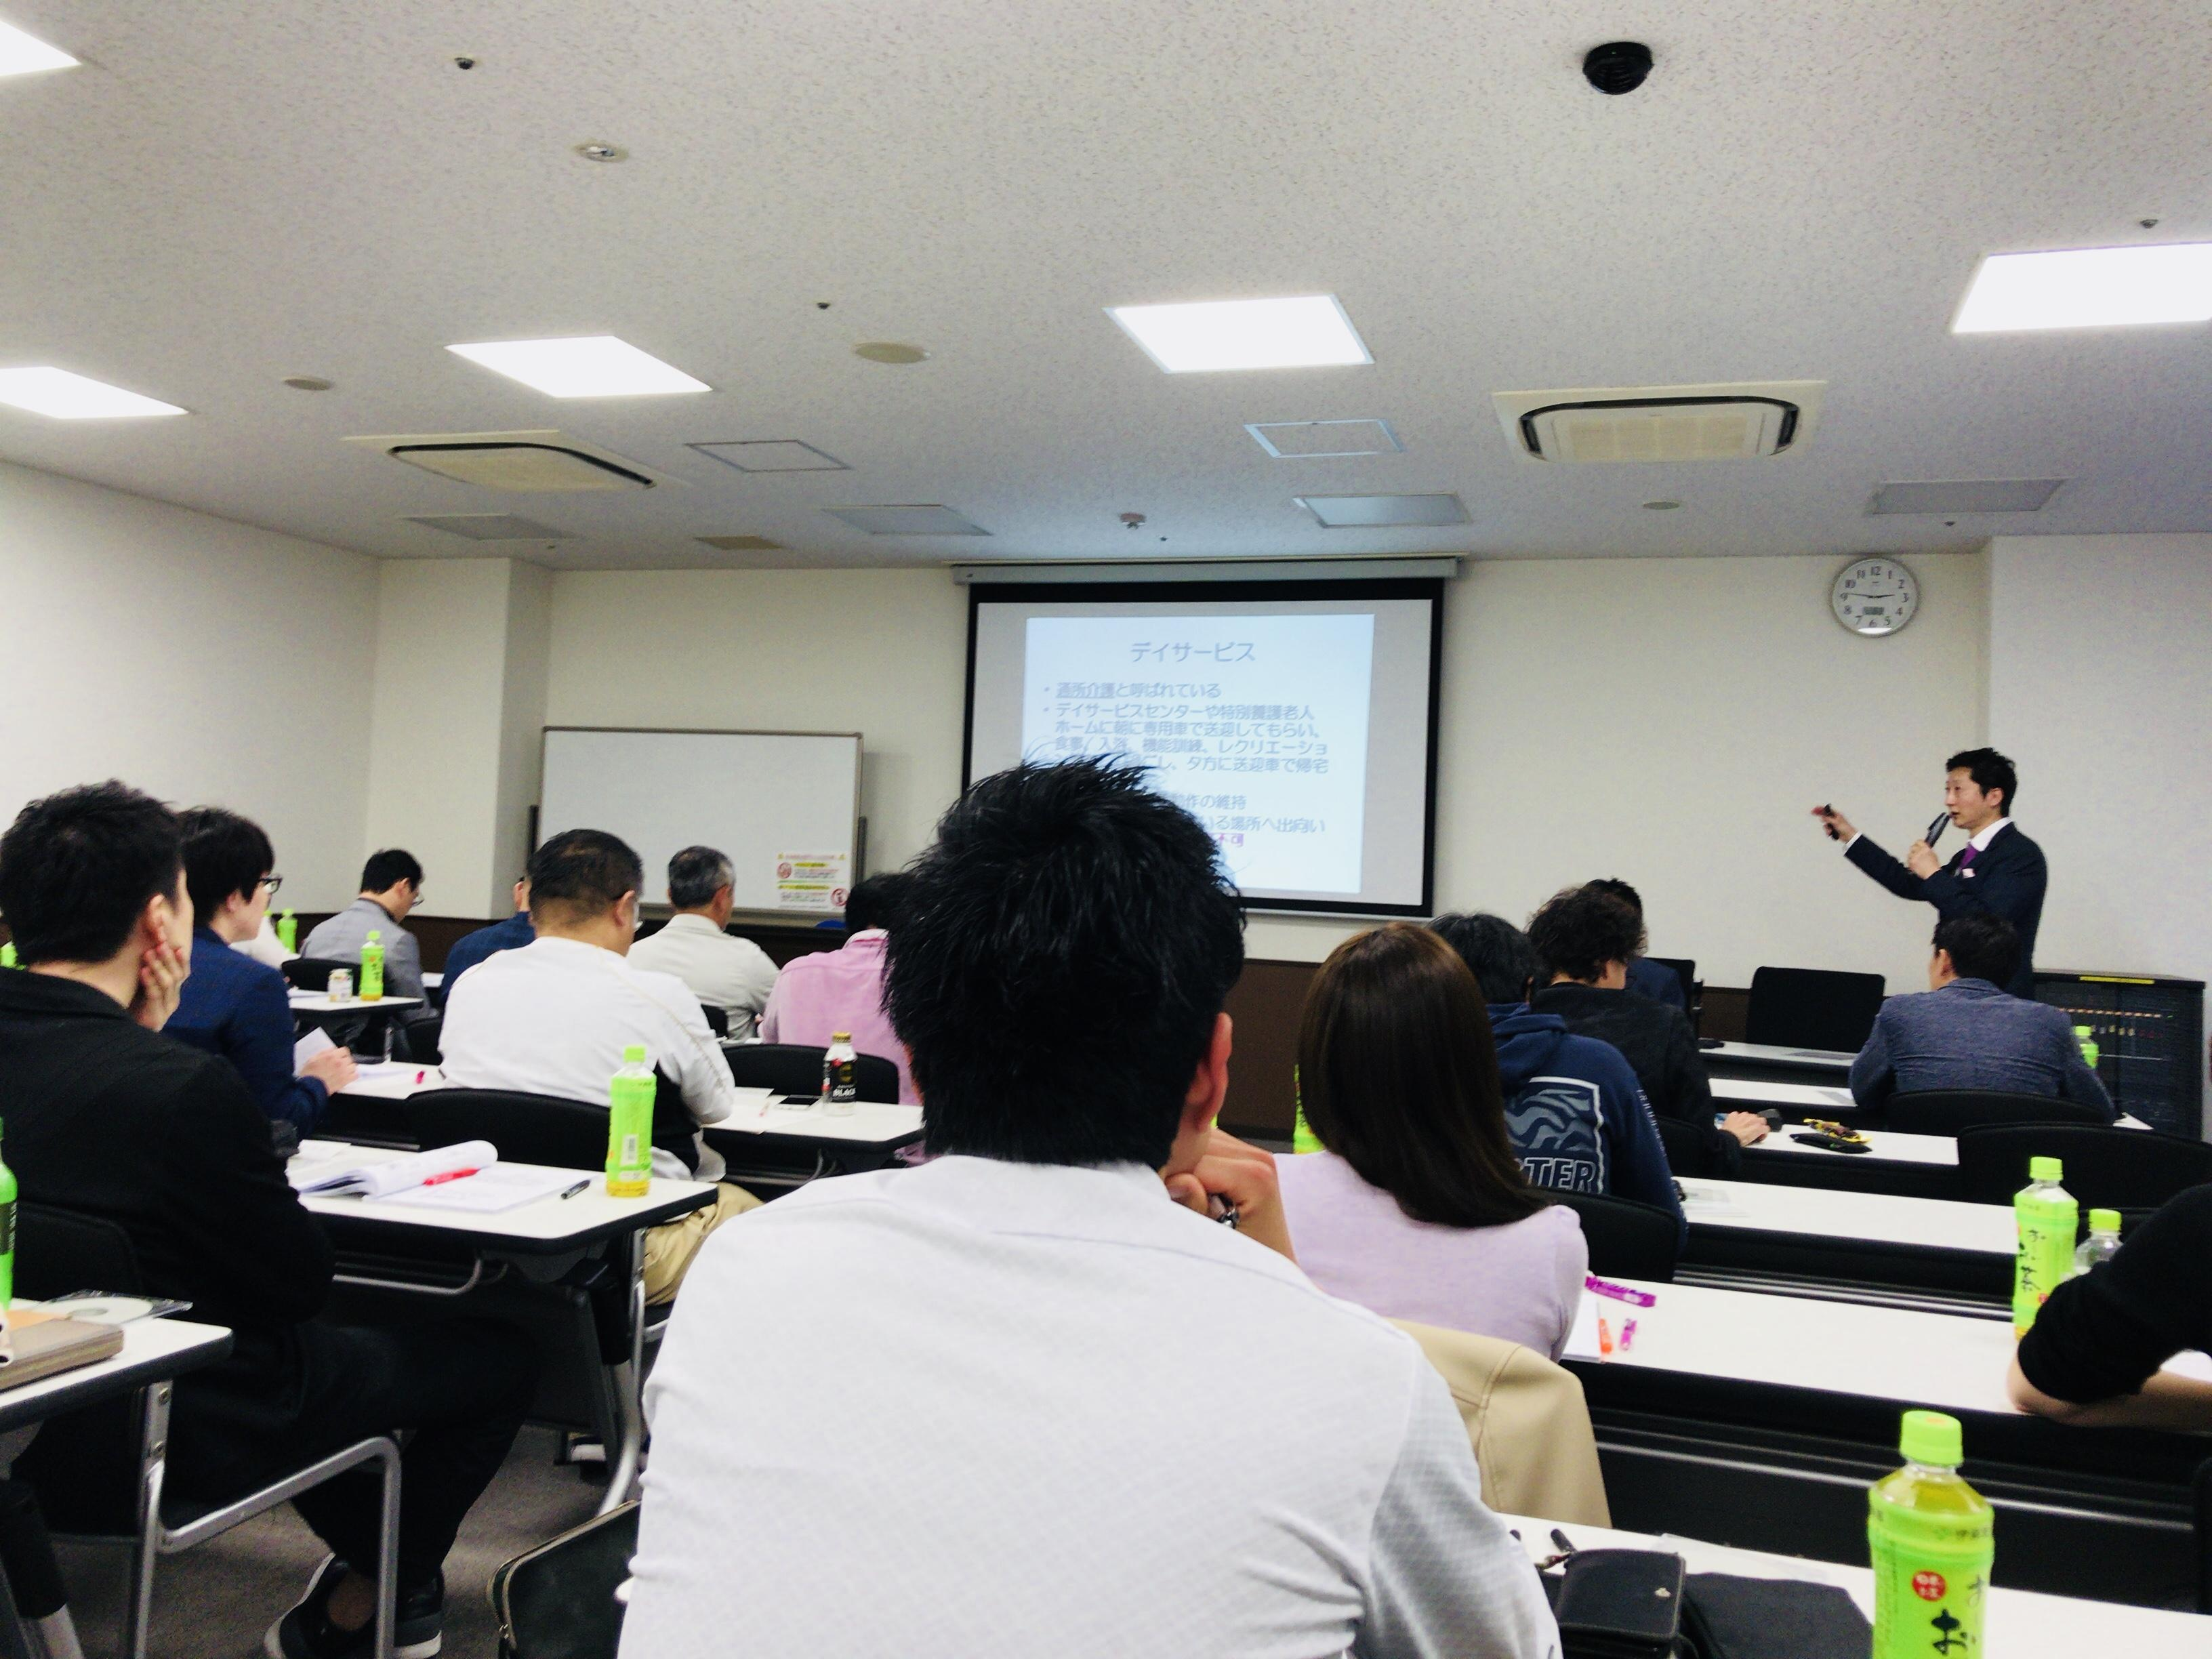 2018.5.13キョタシン③.jpg